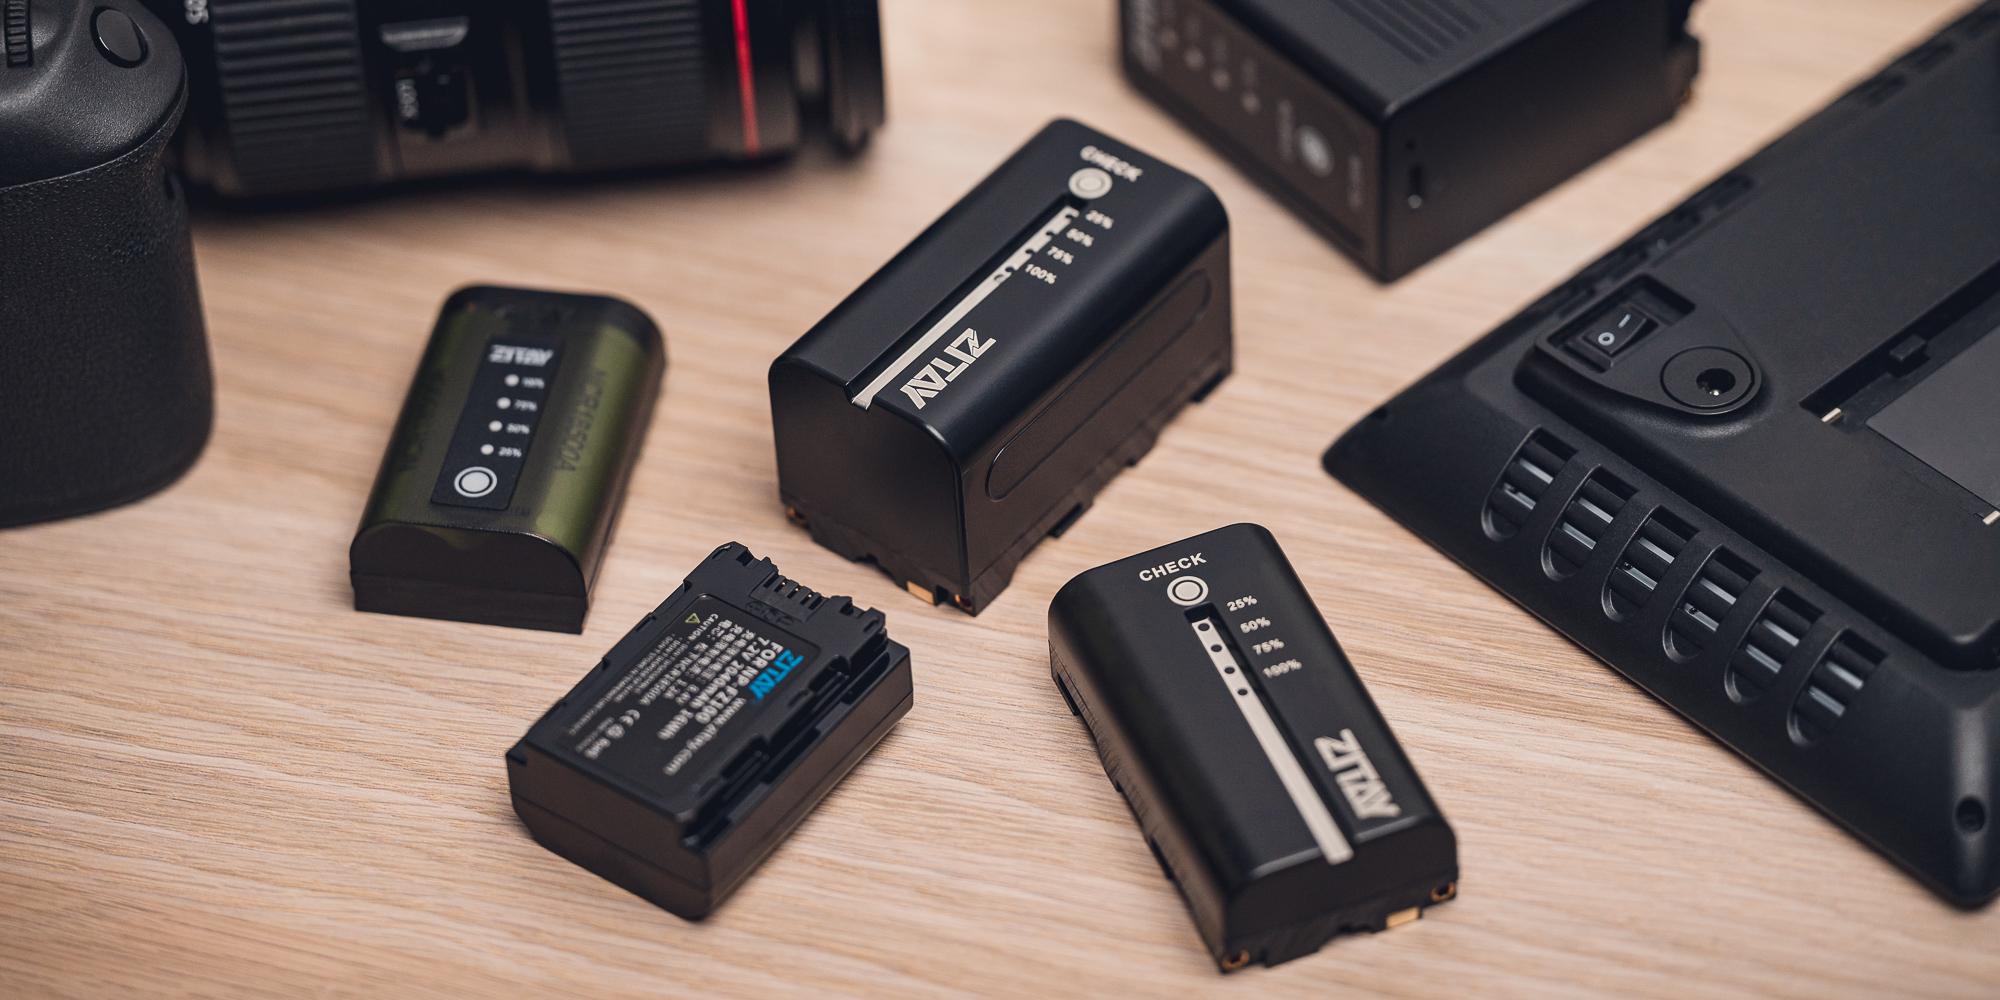 Akumulator Zitay zamiennik LP-E6 - Bezpieczny i niezawodny